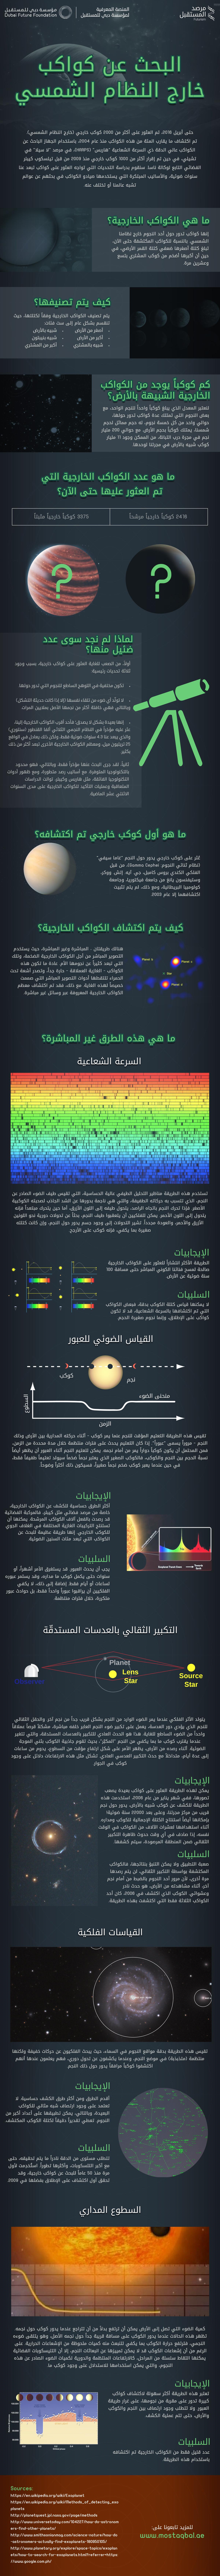 البحث عن كواكب خارج النظام الشمسي Science Infographic Science And Nature